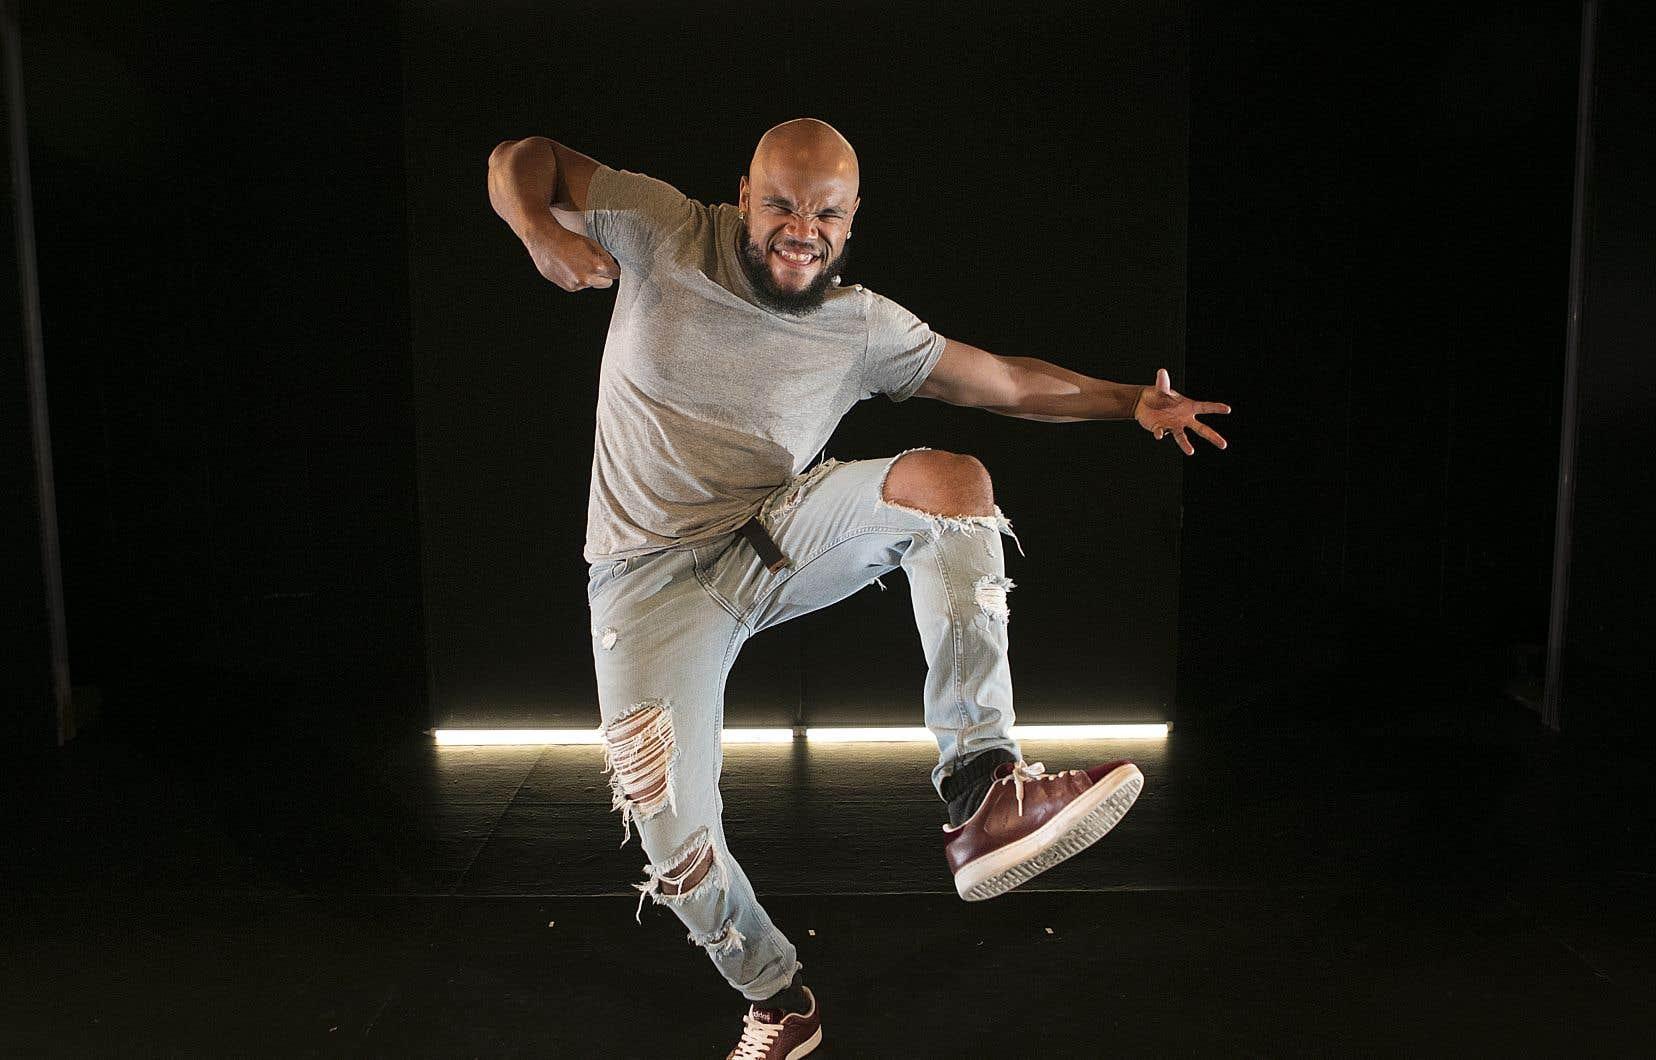 Le danseur Vladimir Laurore, alias 7Starr, est un héros local chez les adeptes du krump.